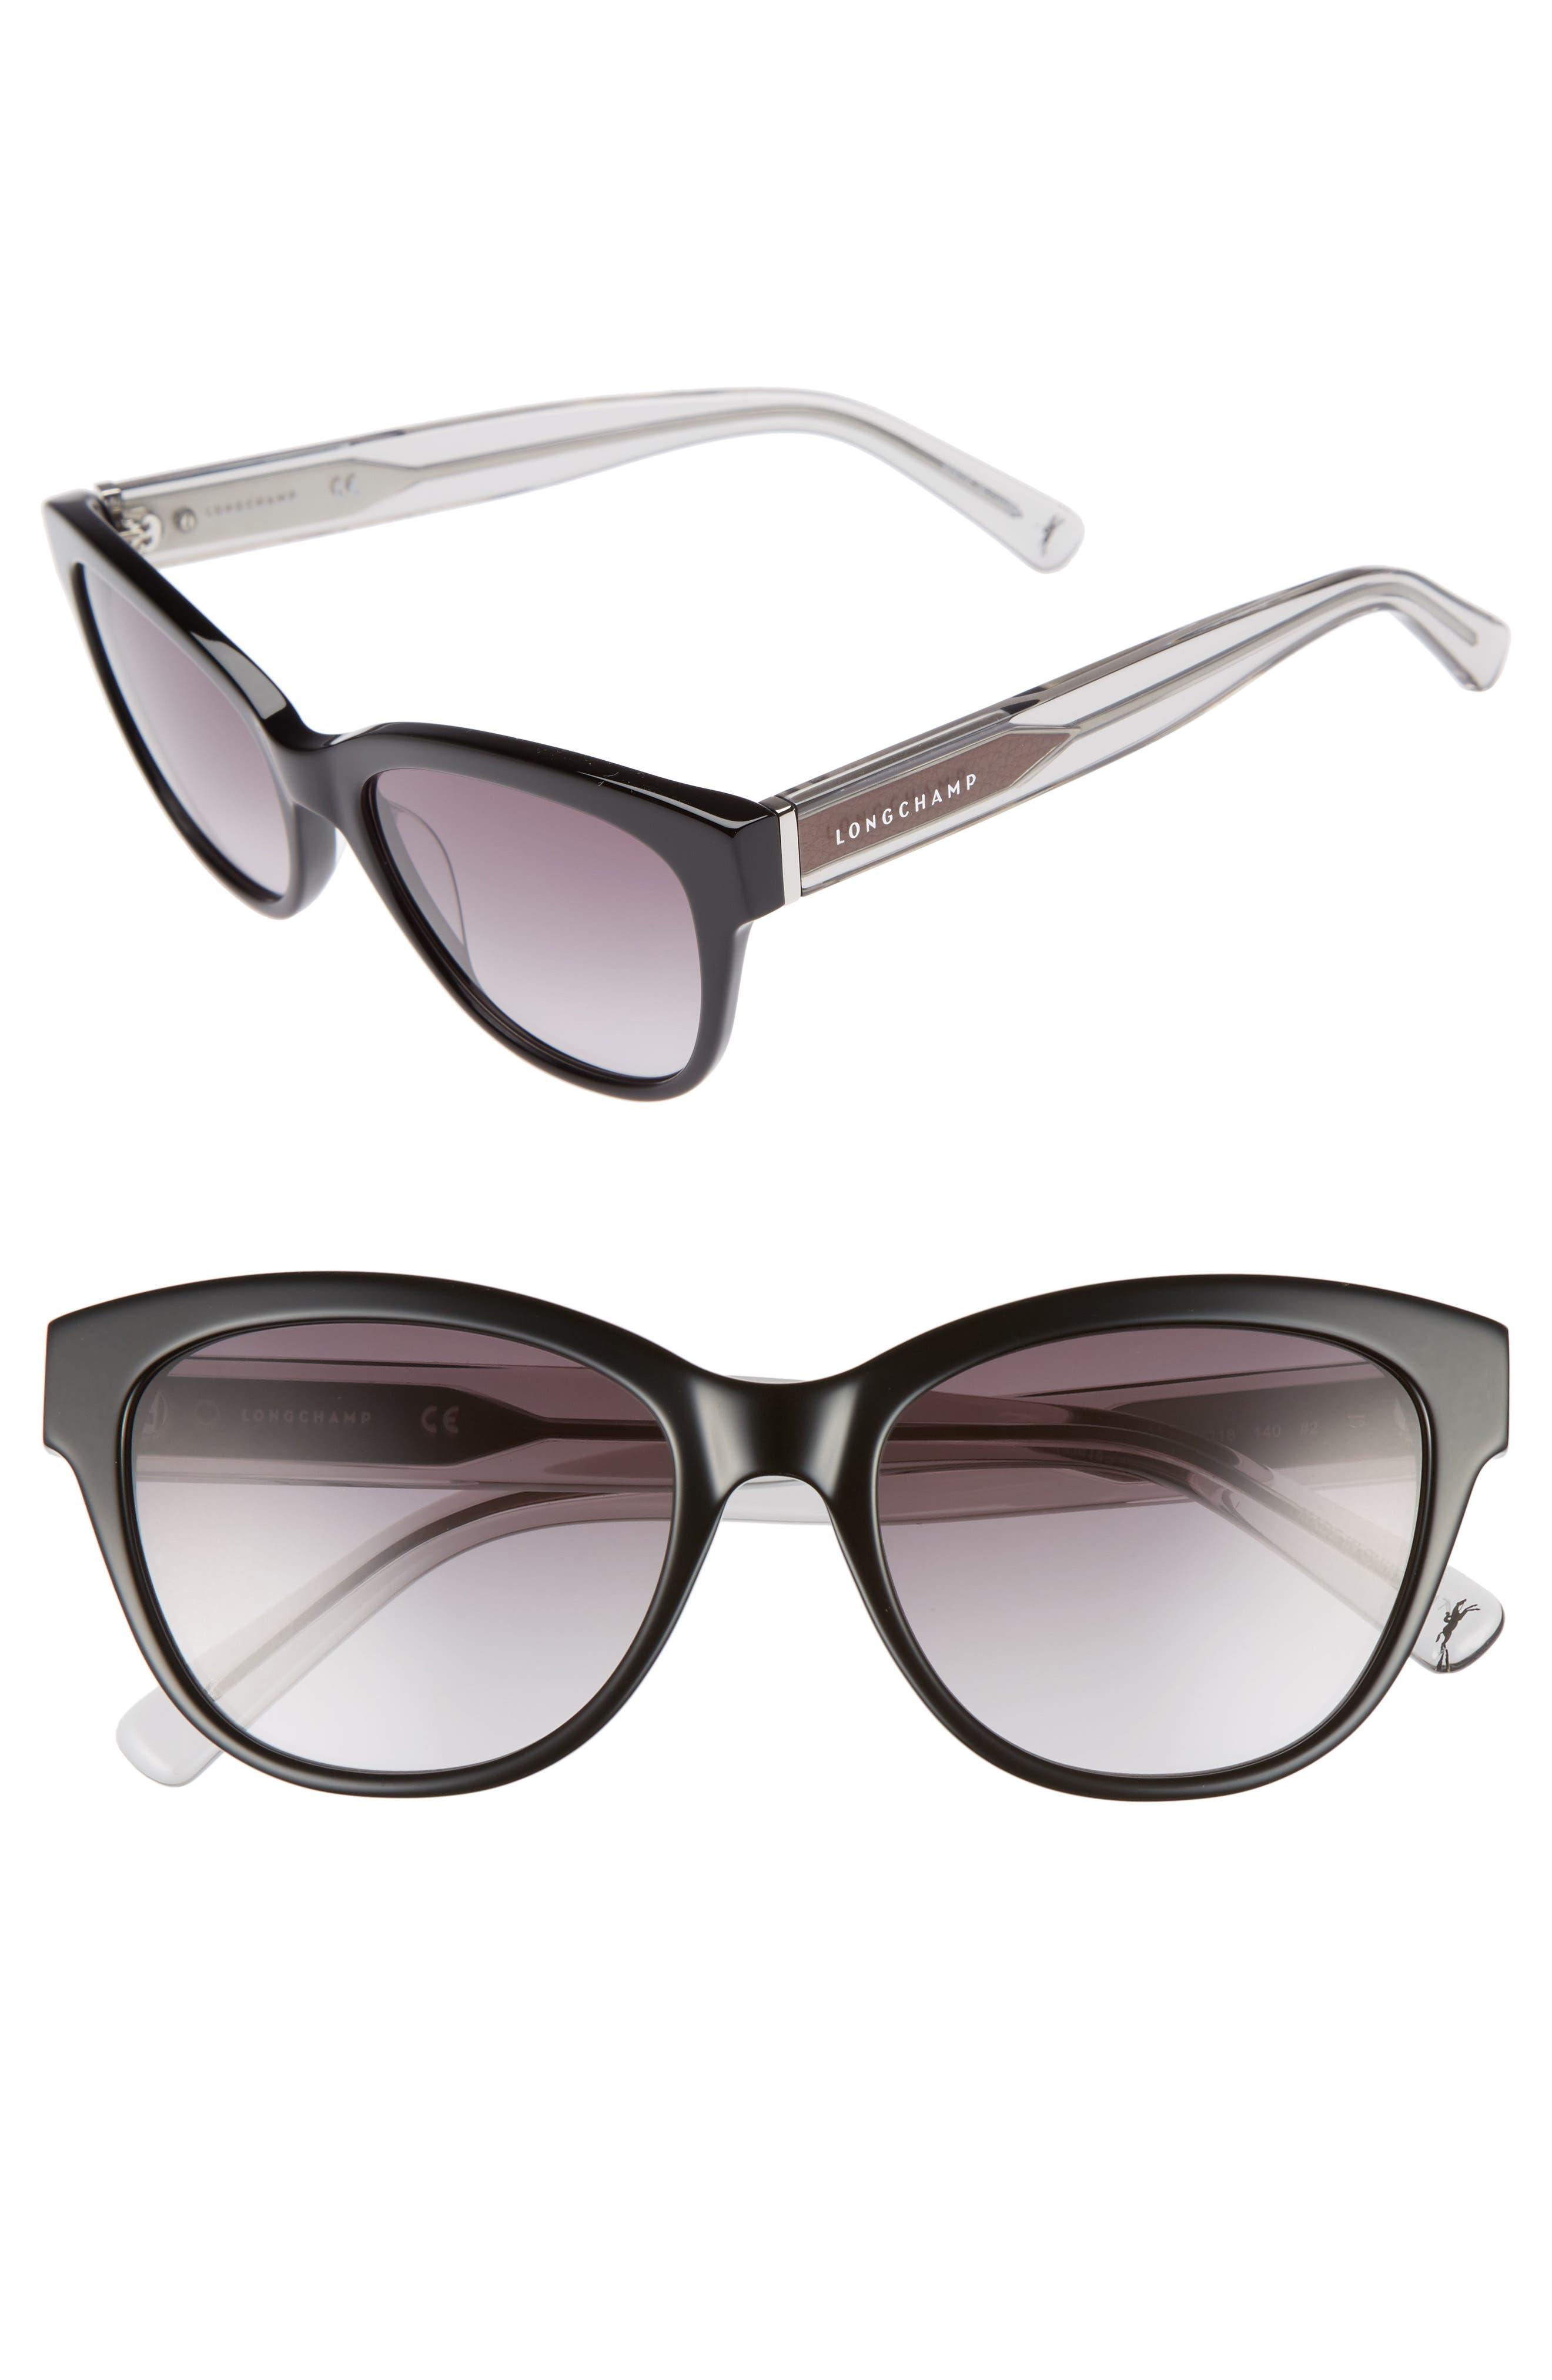 9351023cfa Shop Longchamp 54Mm Gradient Lens Sunglasses - Black